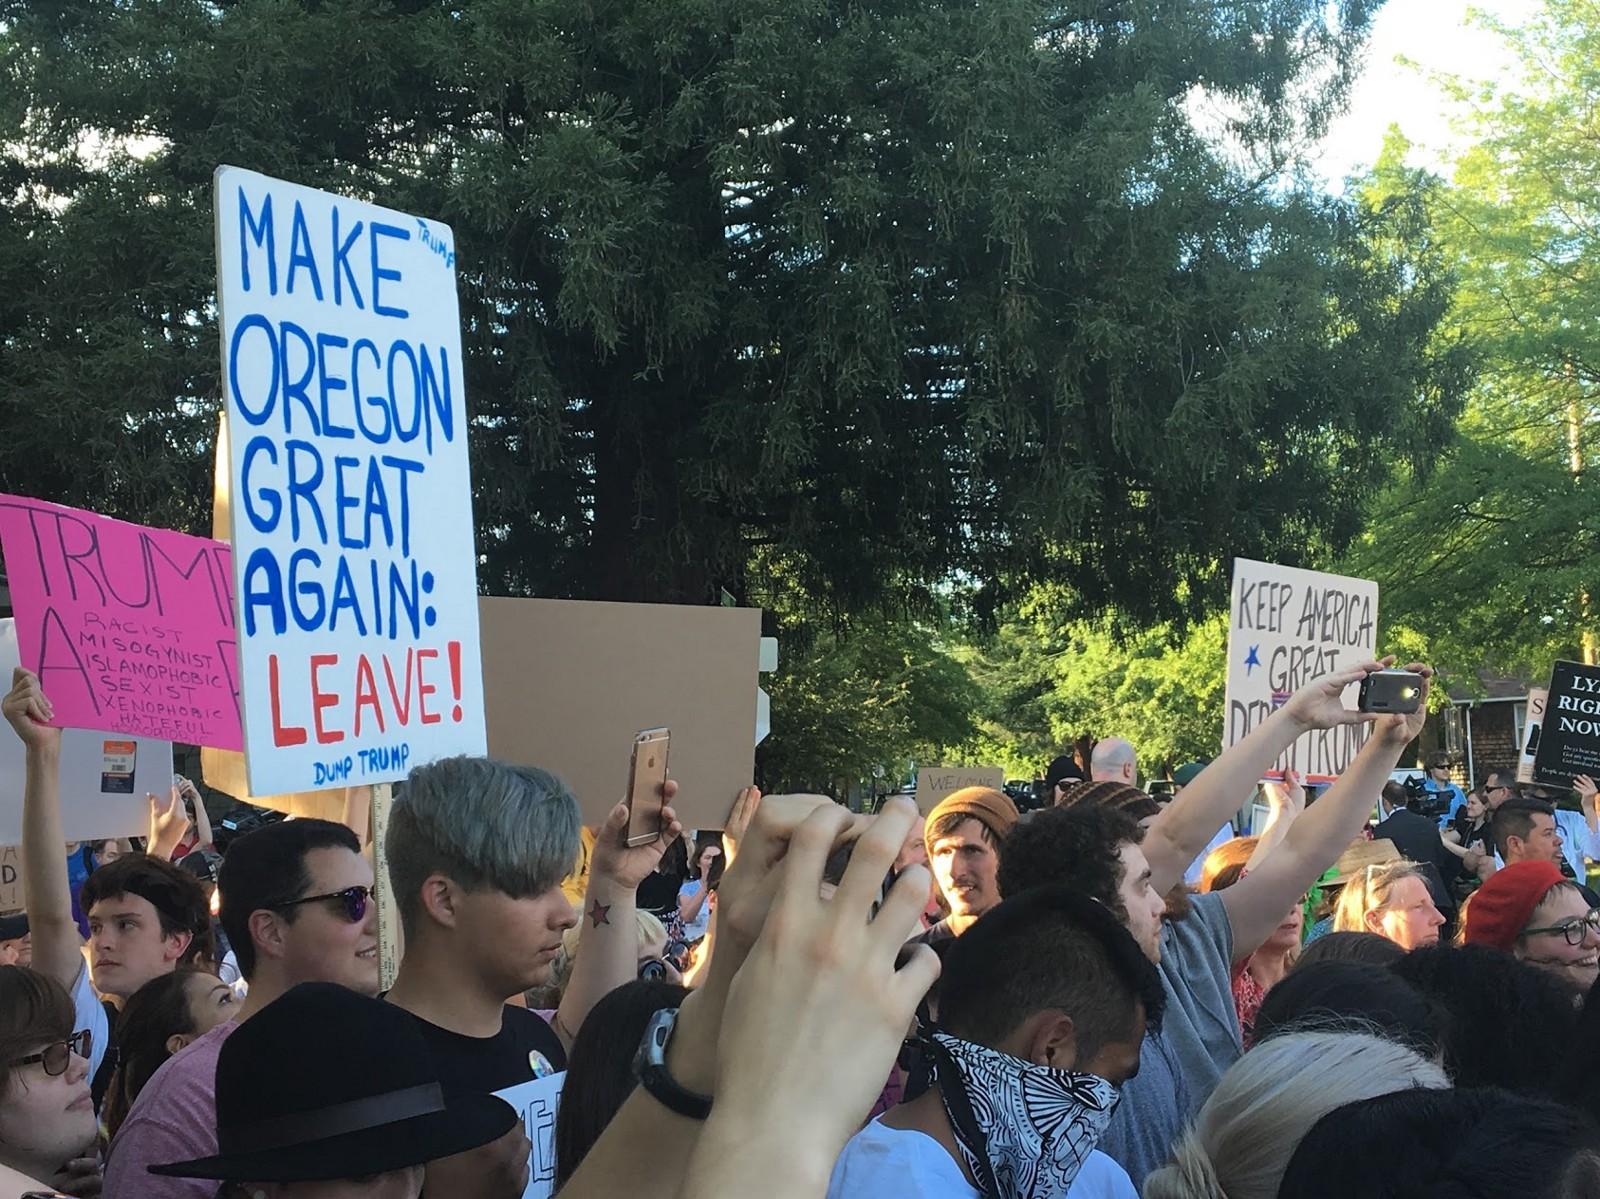 """Os protetastantes contra Trump seguram cartaz que diz: """"Faça Oregon Grande Outra Vez:Deixe-o"""""""